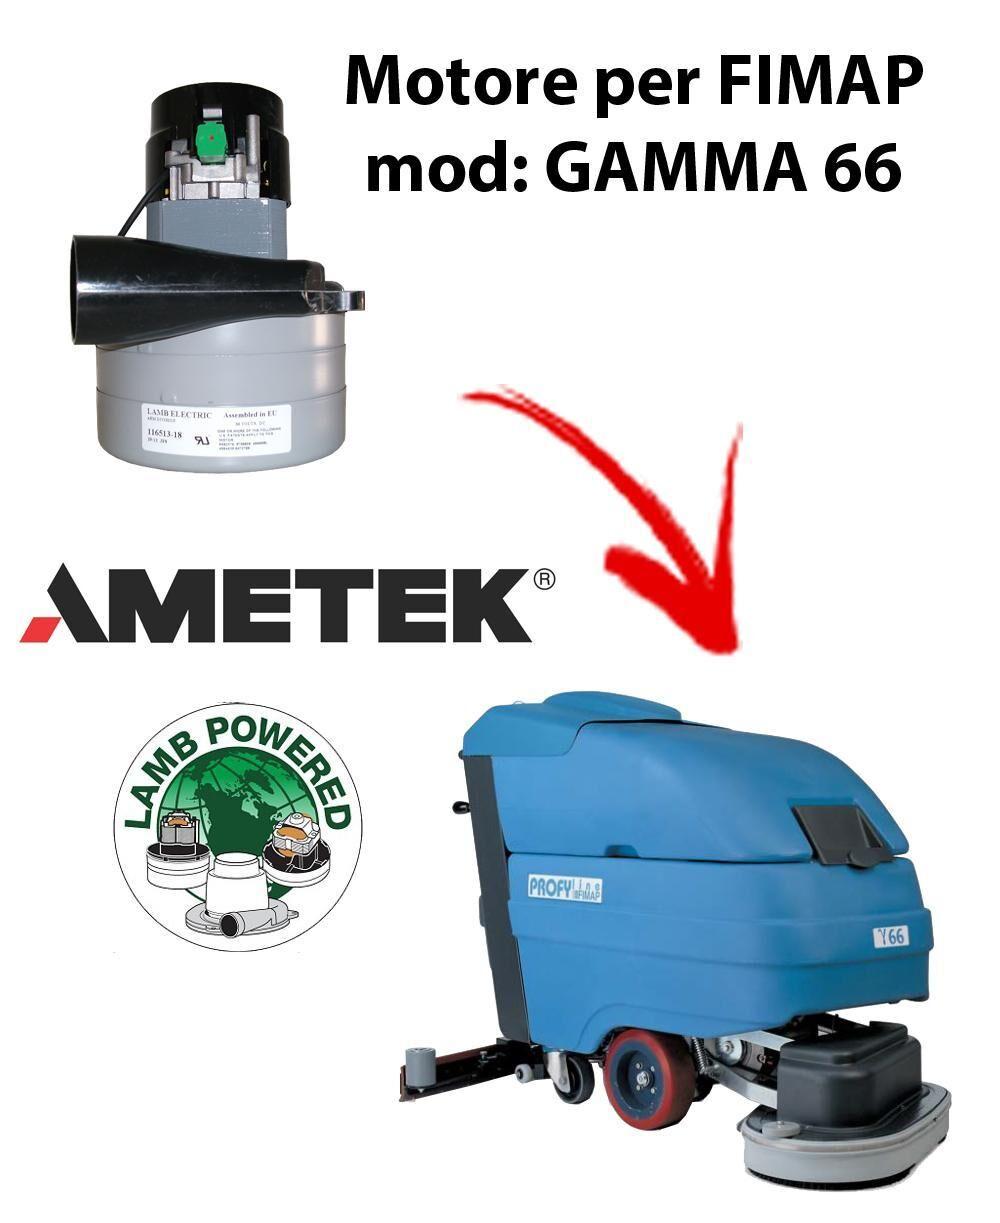 Fimap GAMMA 66 MOTORE aspirazione AMETEK per lavapavimenti